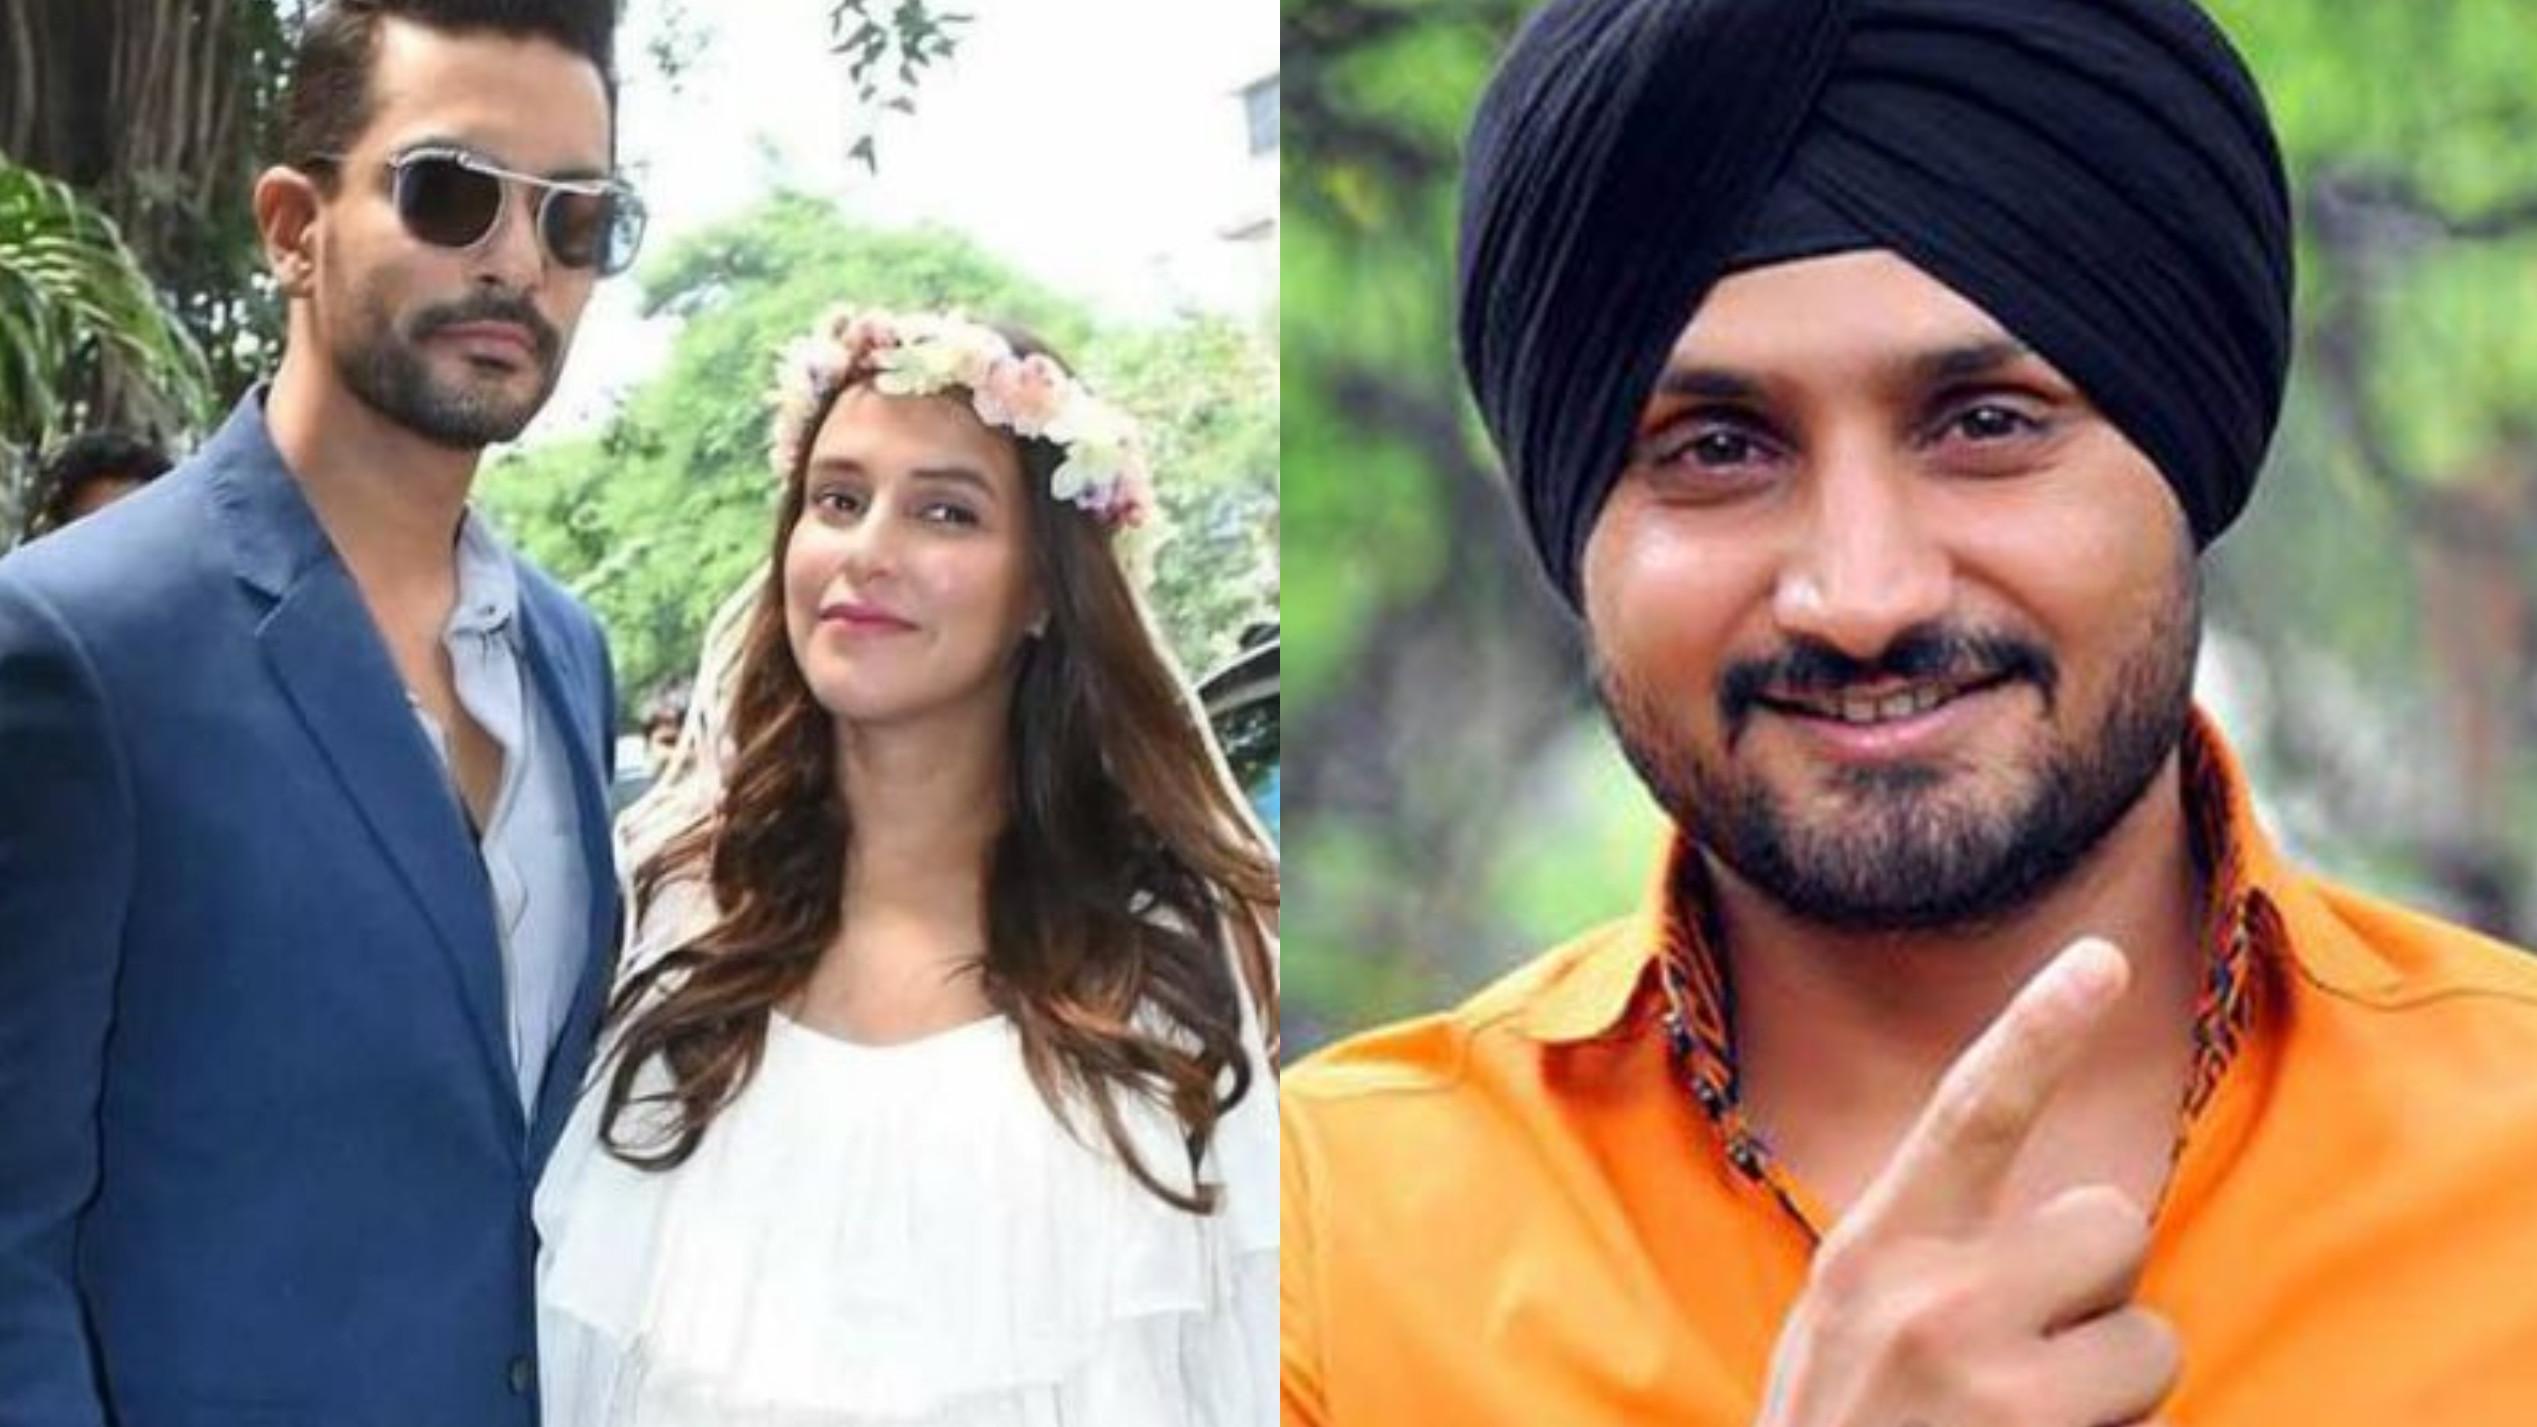 हरभजन सिंह ने नेहा धूपिया और अंगद बेदी का 'बेबी क्लब' में किया स्वागत